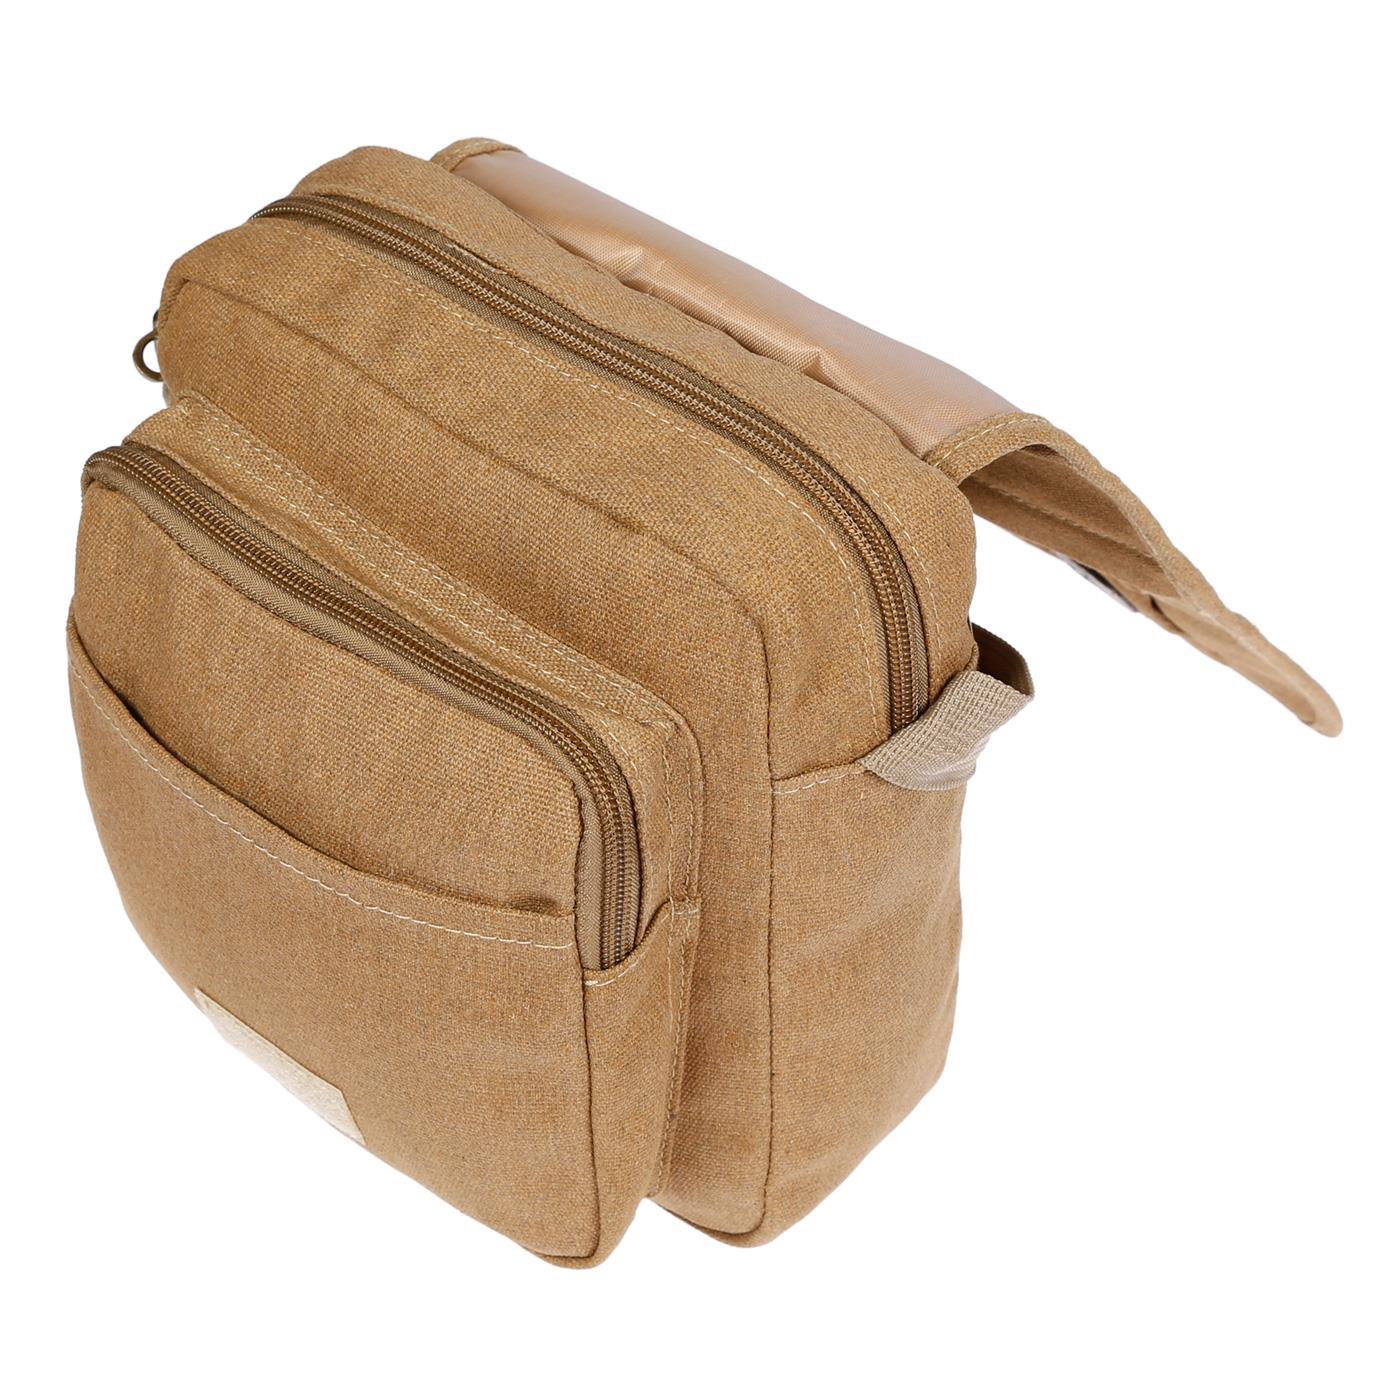 Damen-Herren-Tasche-Canvas-Umhaengetasche-Schultertasche-Crossover-Bag-Handtasche Indexbild 30